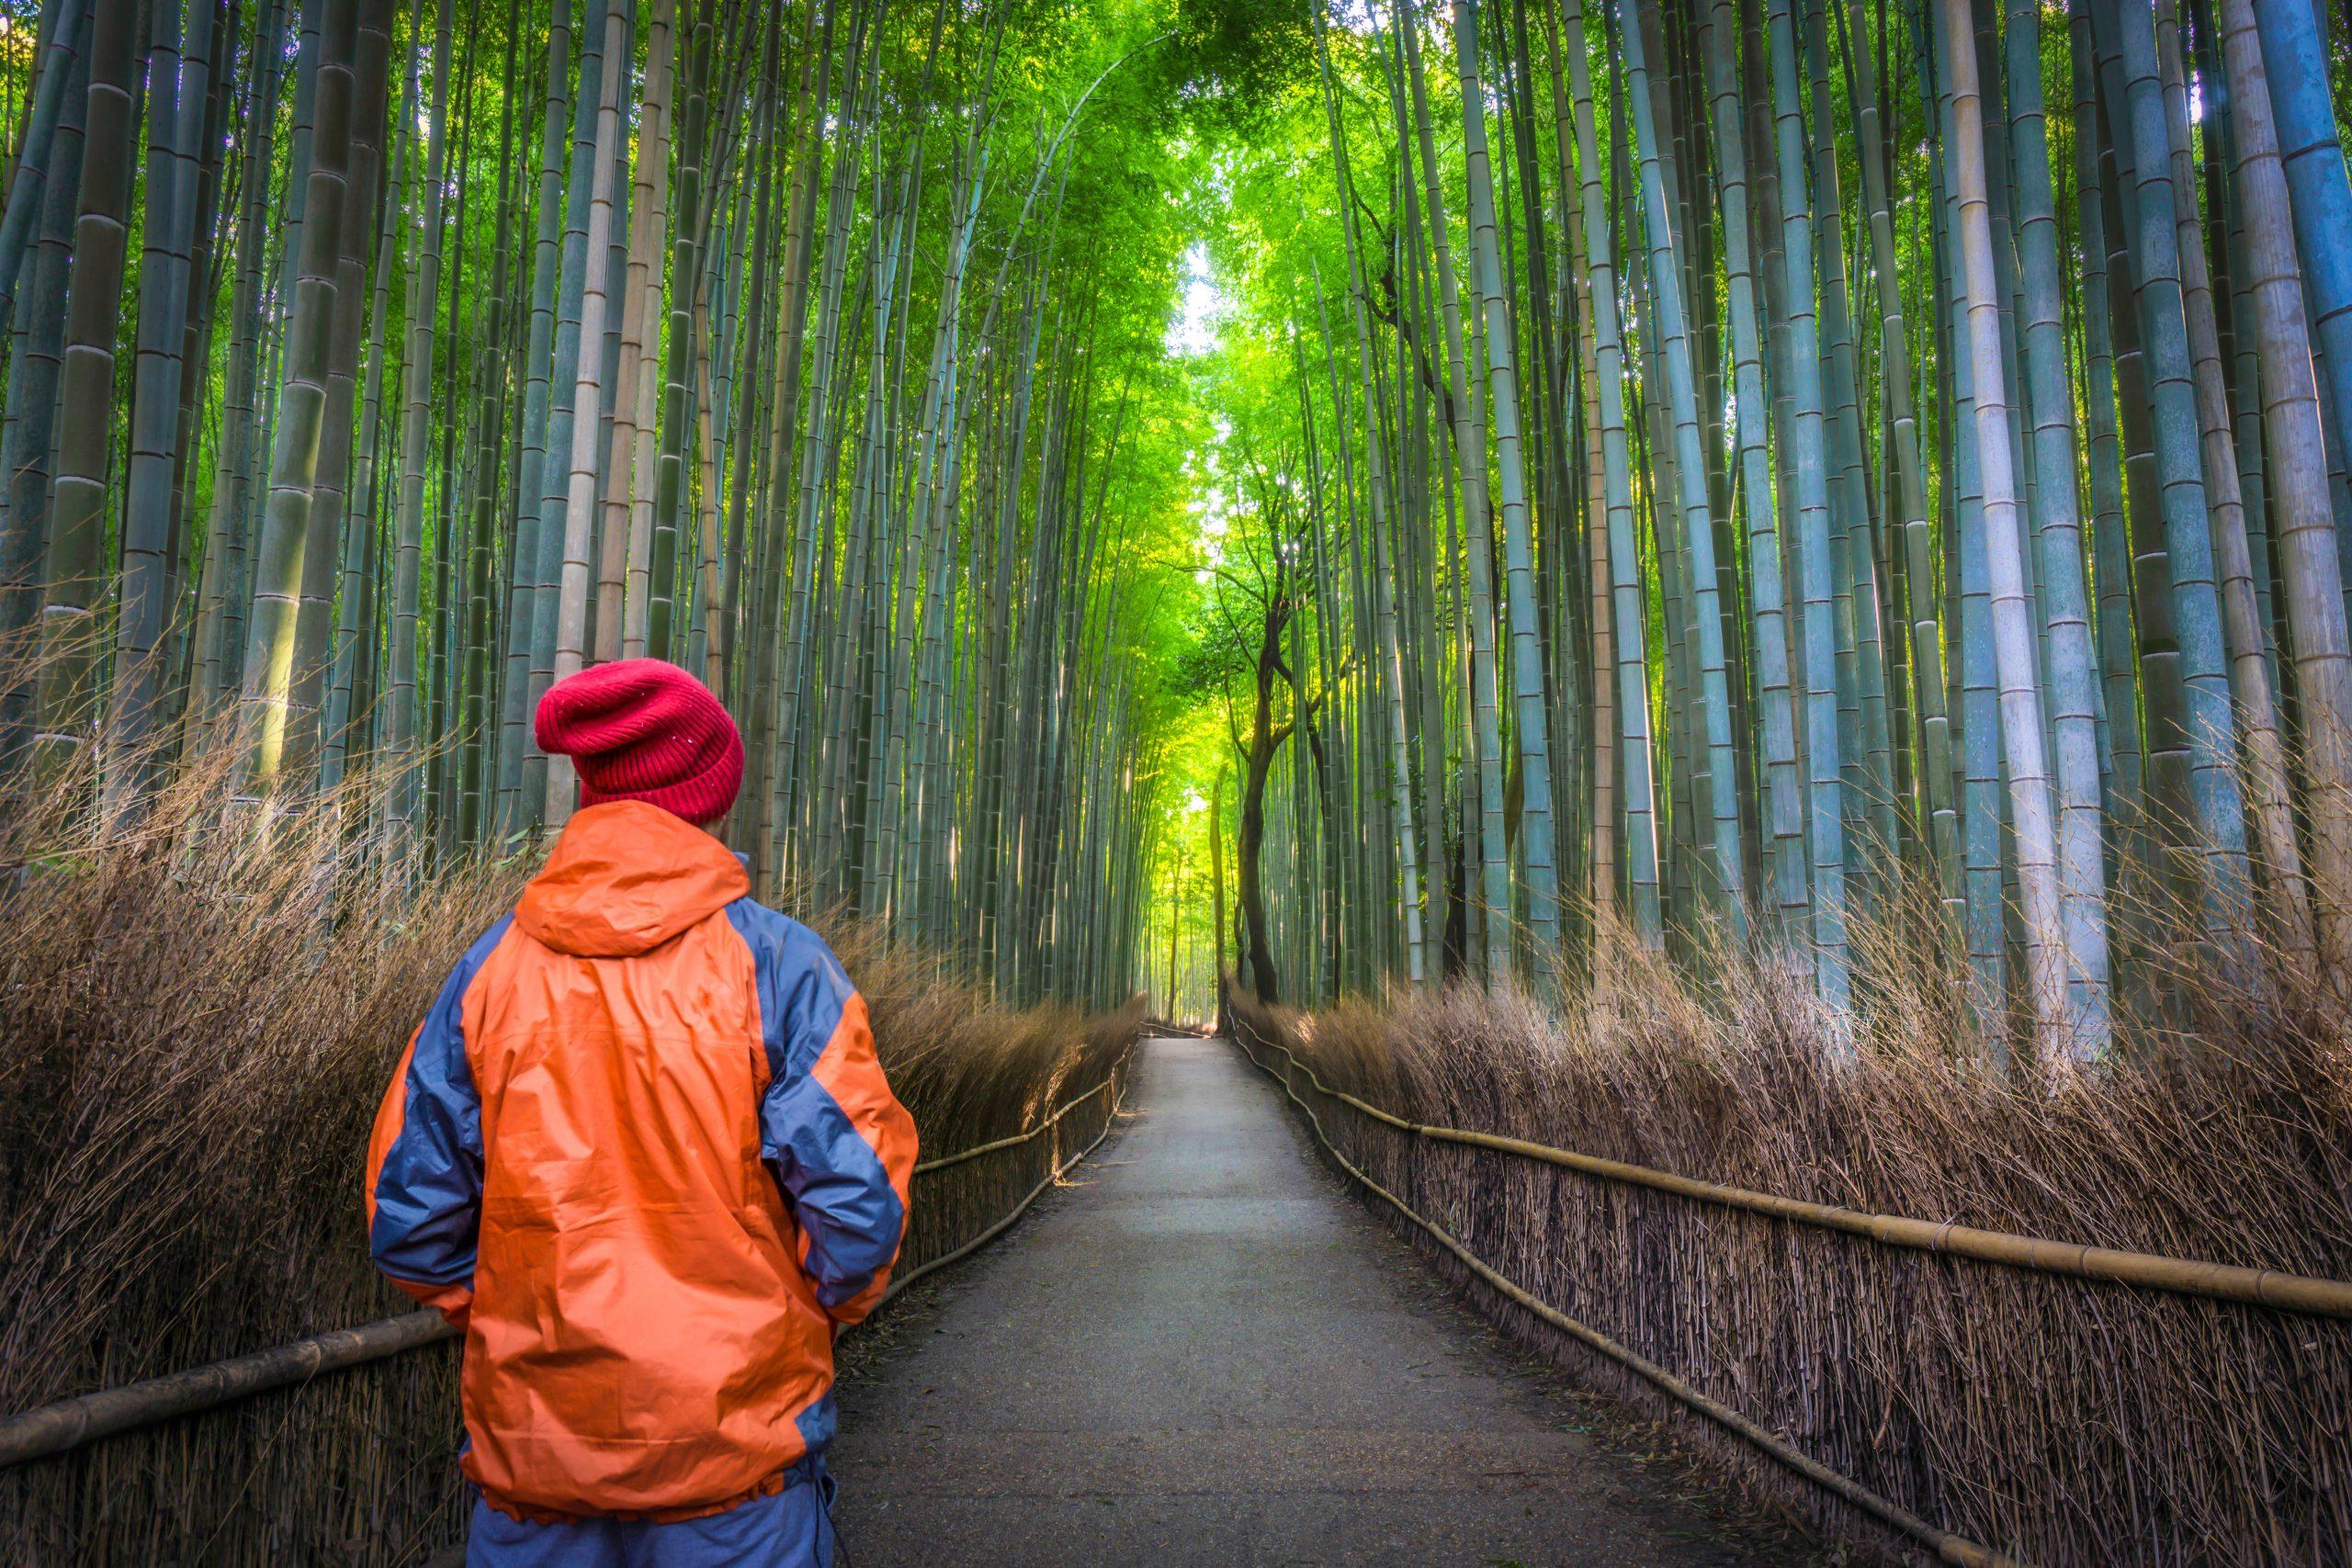 Matkailija kävelee tiheän metsän läpi kohti valoa